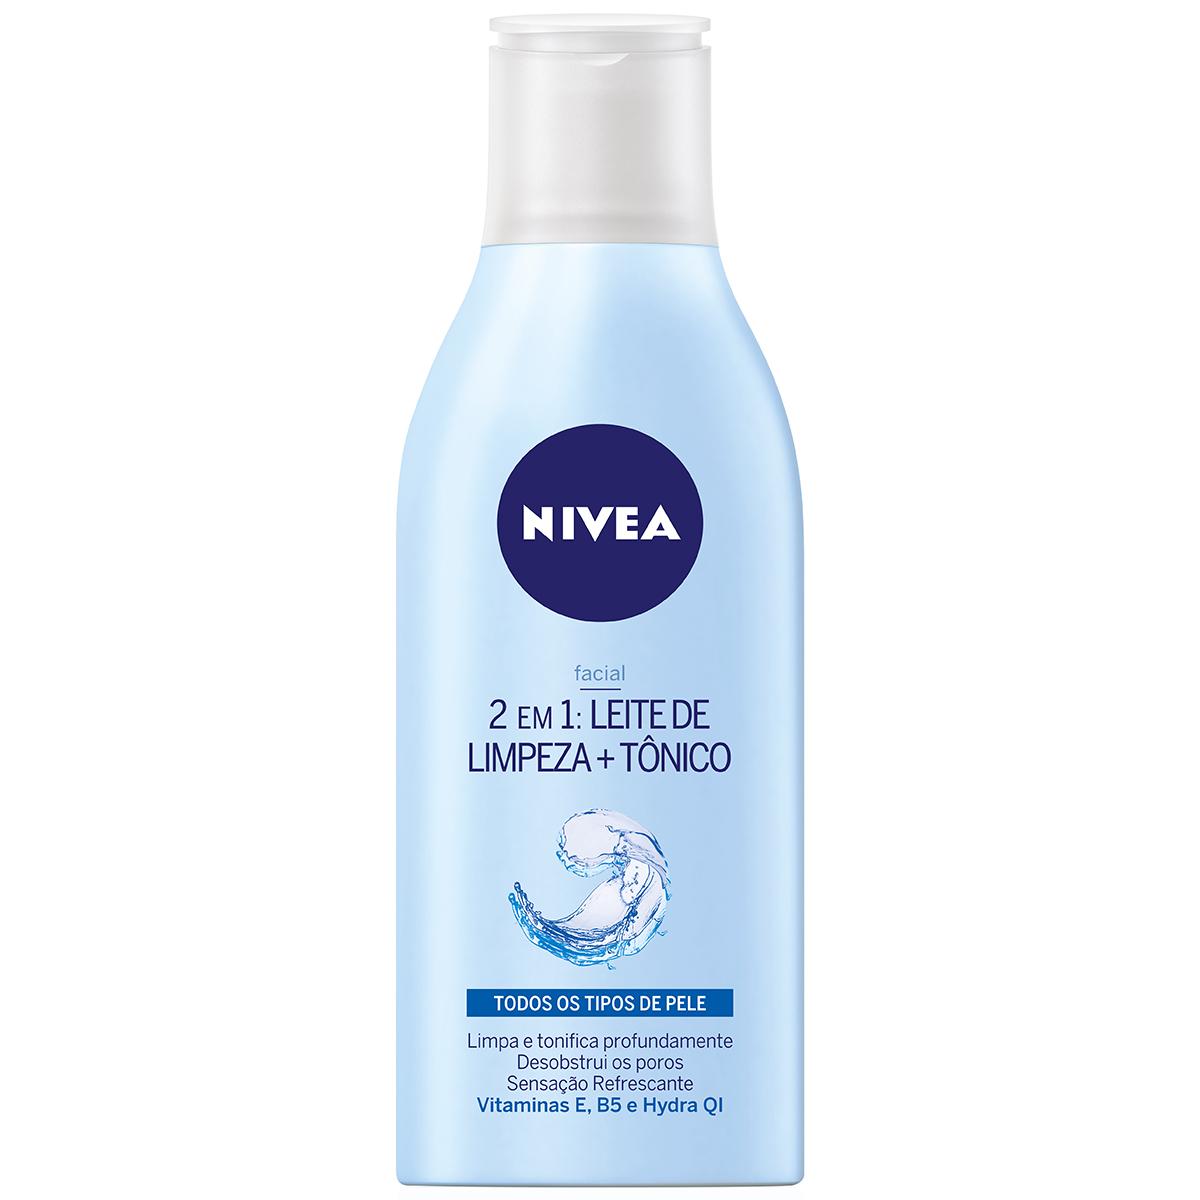 Nivea 2 em 1 Leite de Limpeza + Tônico Facial com 200ml 200ml